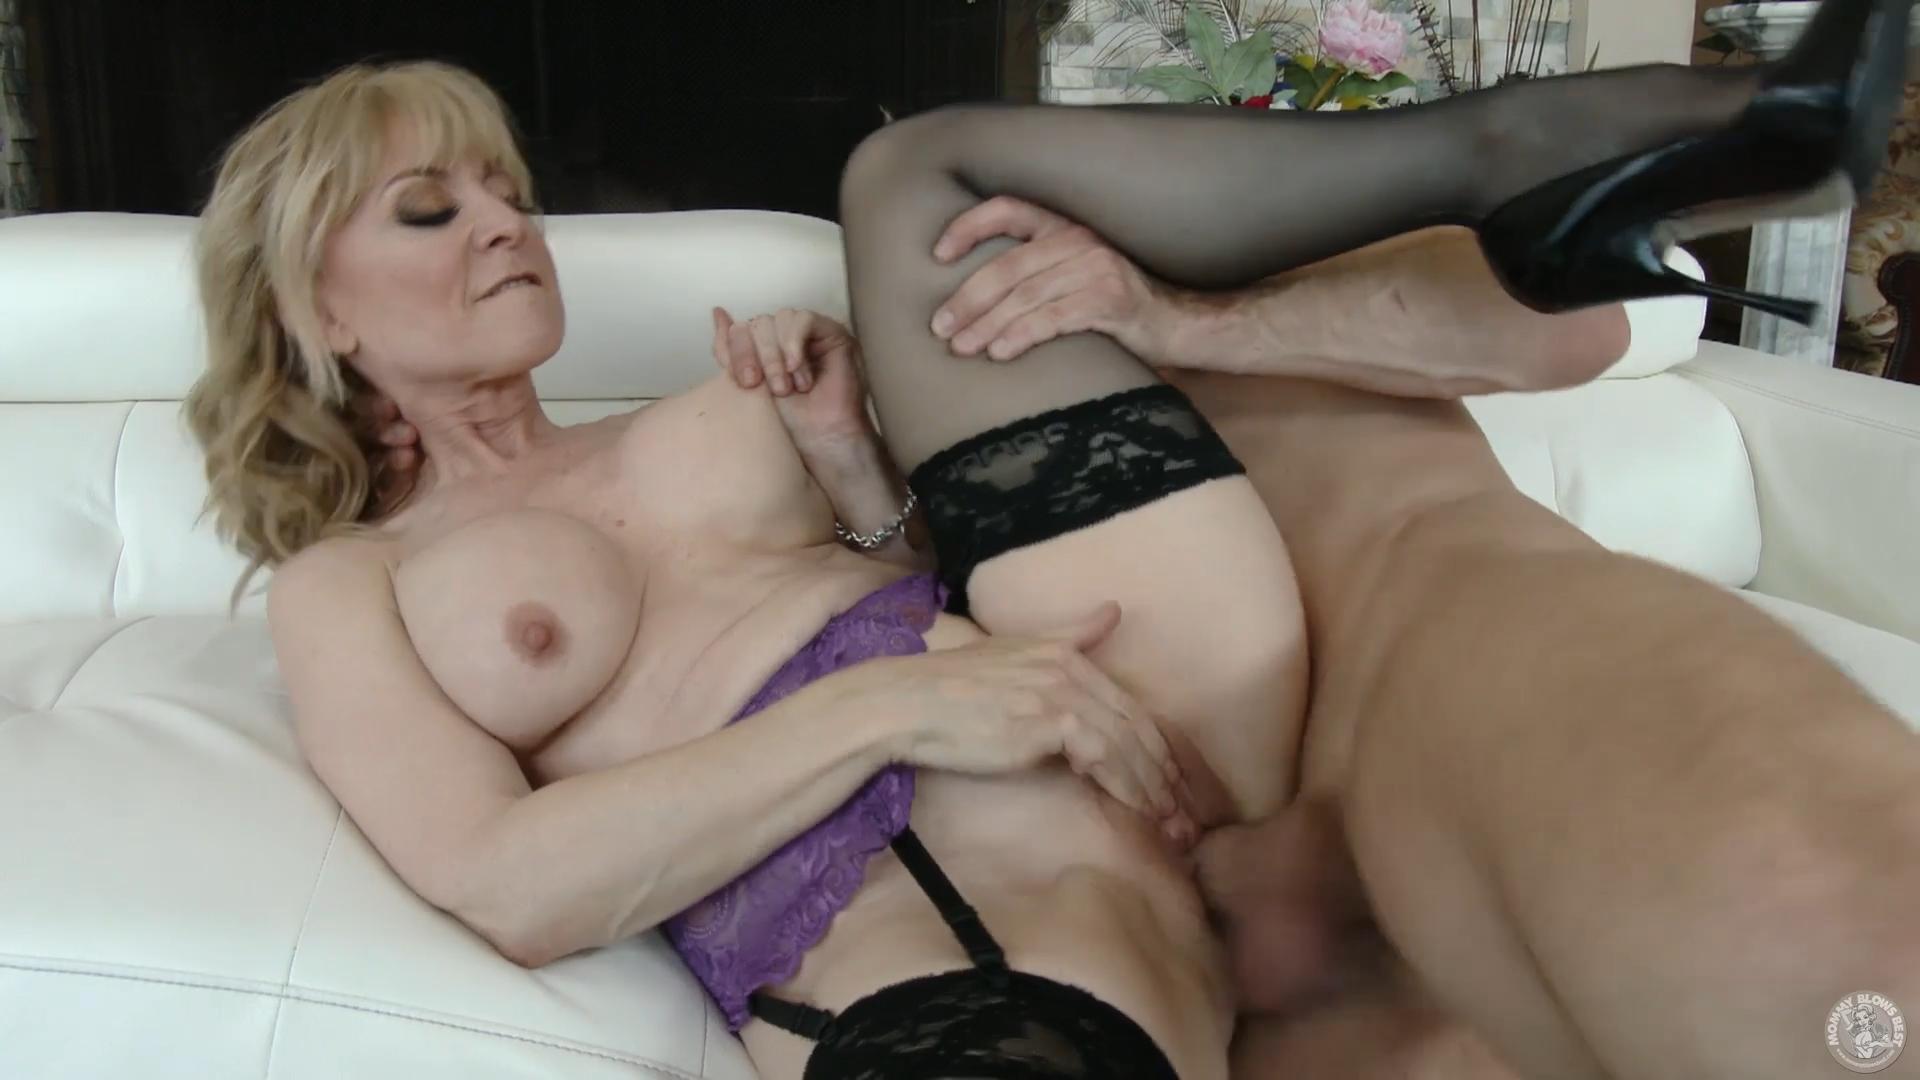 Смотреть hd porno со зрелыми женщинами онлайн, Смотреть порно зрелых женщин онлайн HD 19 фотография